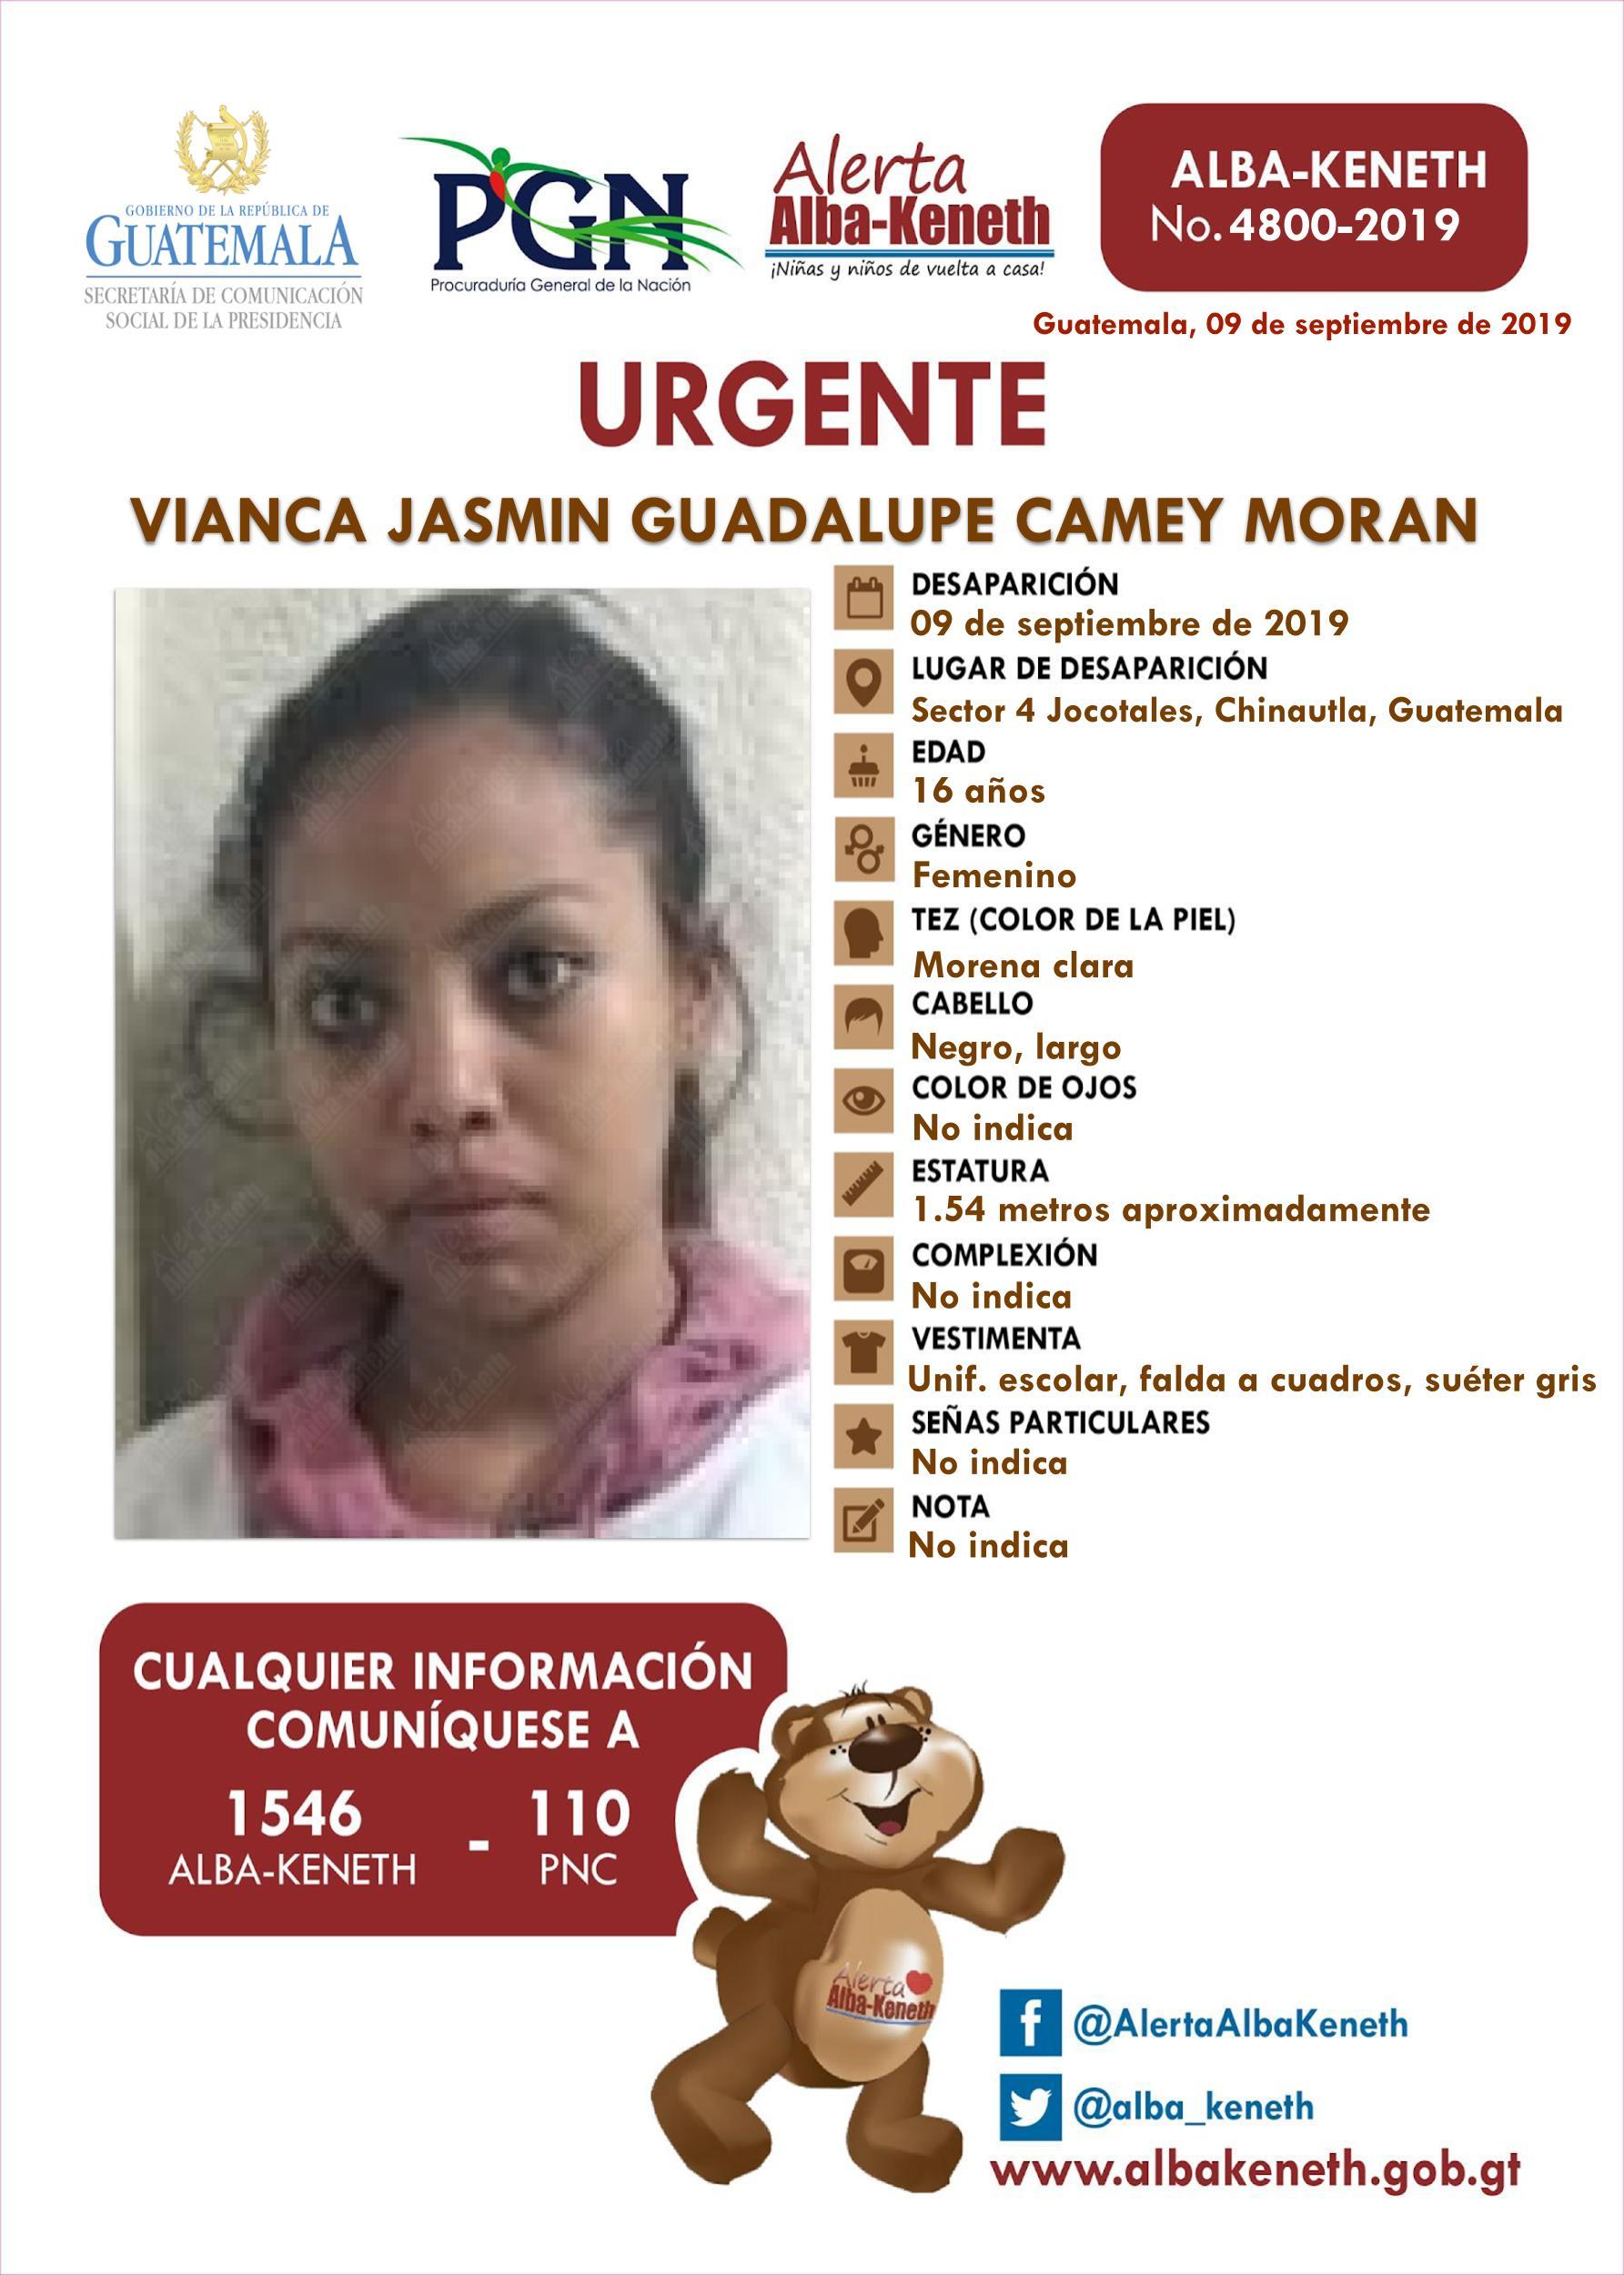 Vianca Jasmin Guadalupe Camey Moran